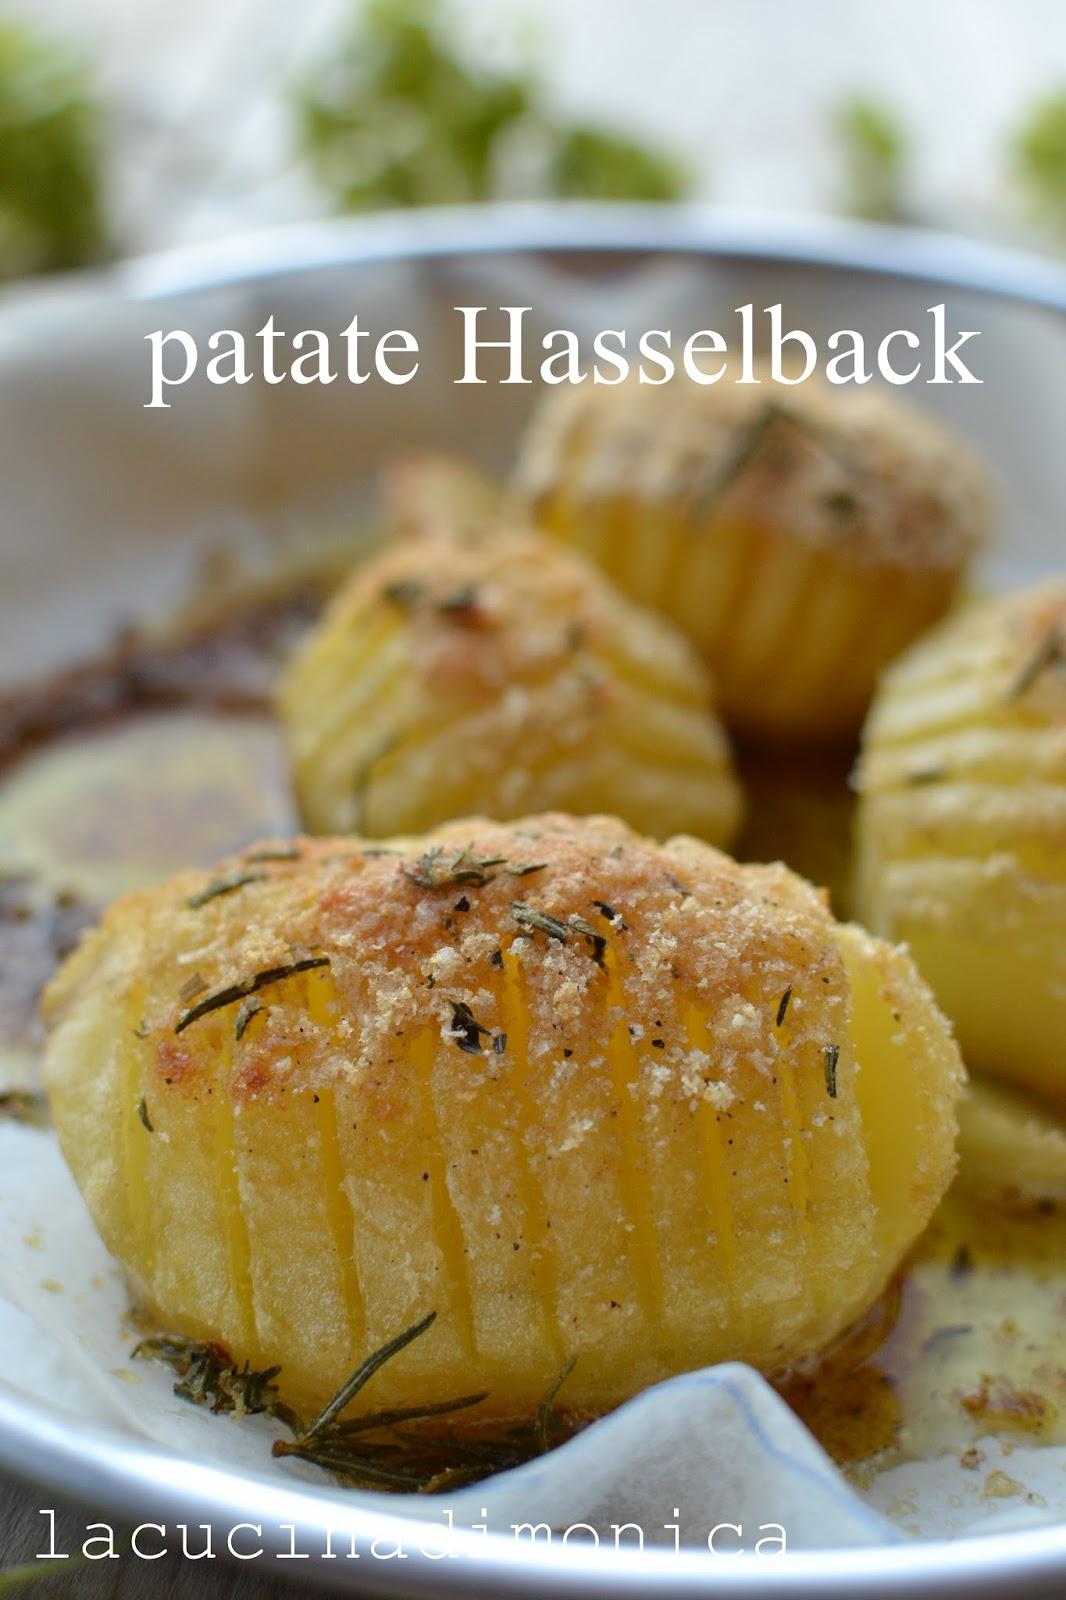 disponete le patate in una pirofila unta e far cuocere per 2530 minuti sfornatele e cospargete su ogni patata un po di mix aromatico